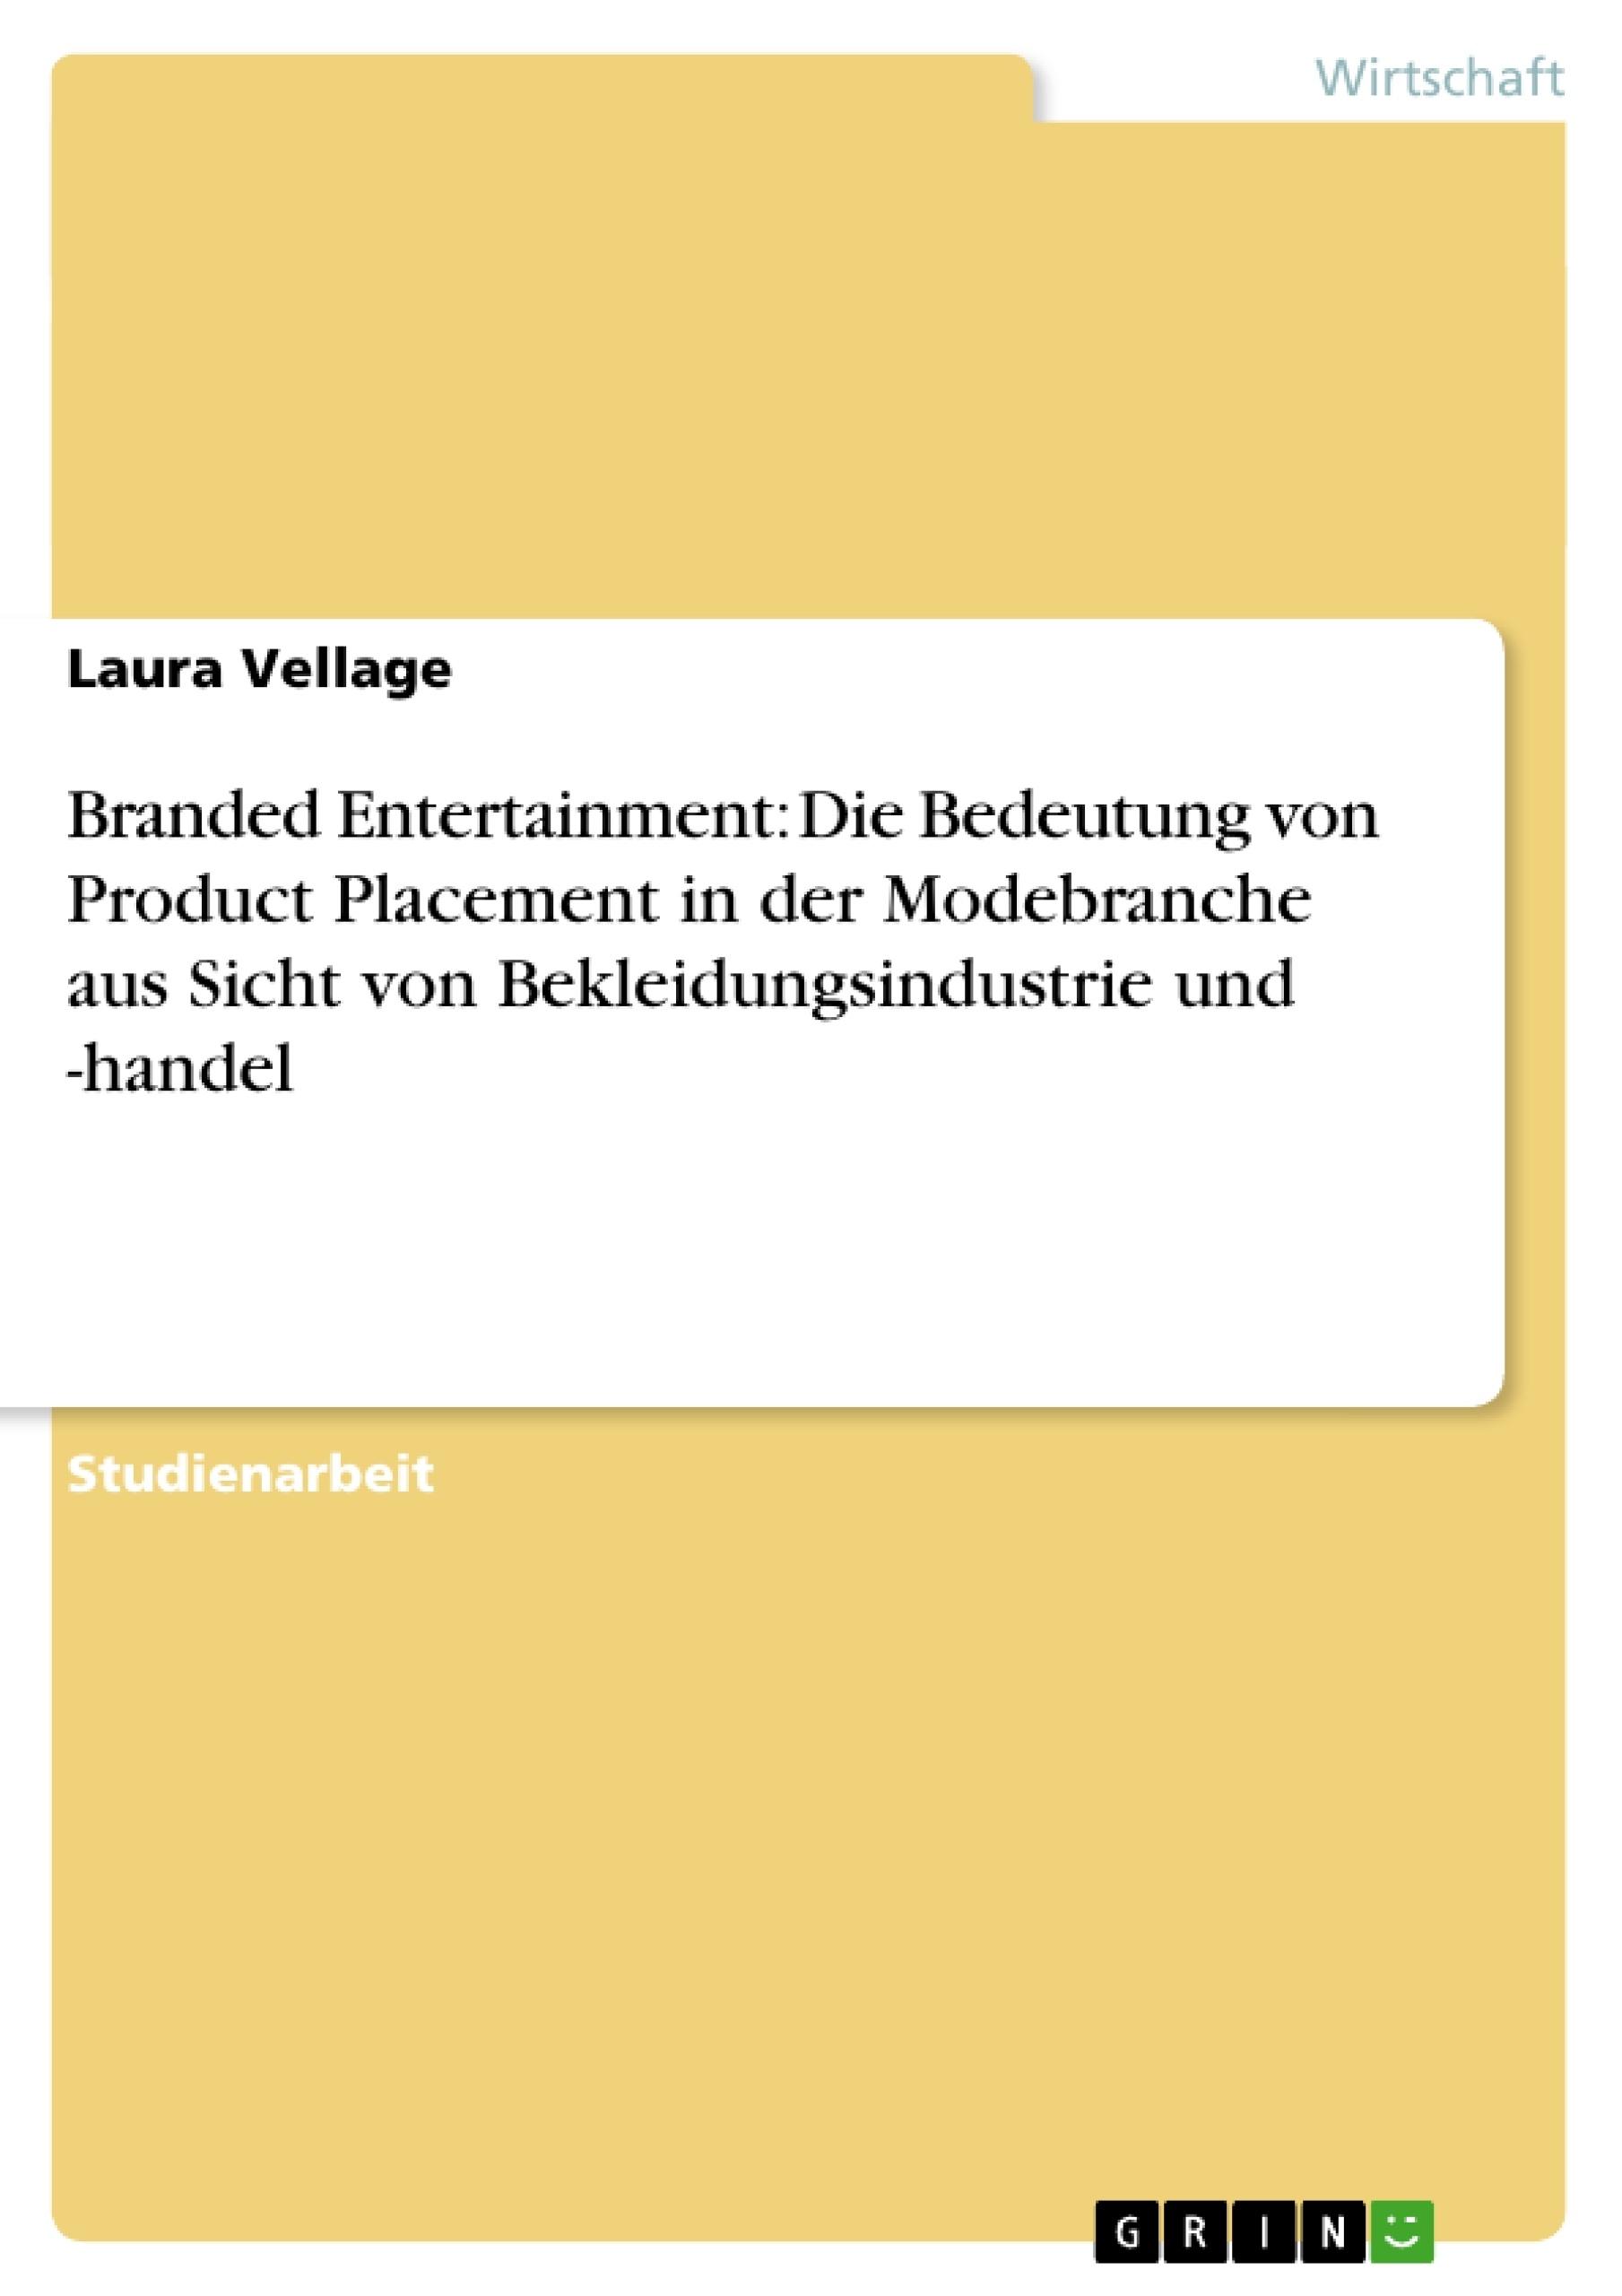 Titel: Branded Entertainment: Die Bedeutung von Product Placement in der Modebranche aus Sicht  von Bekleidungsindustrie und -handel